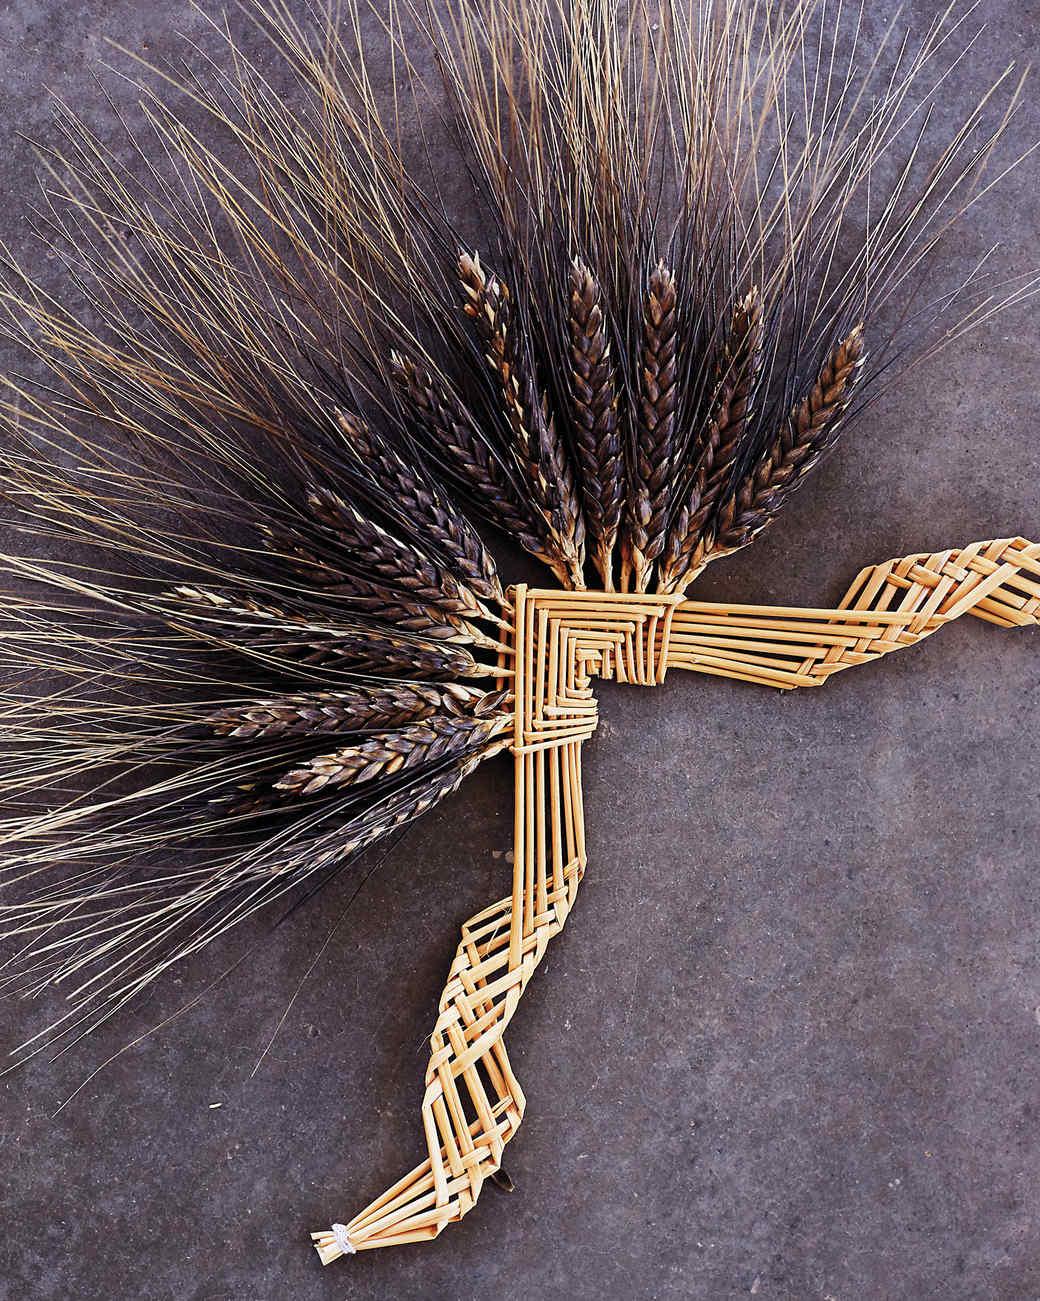 hayden-flour-mills-emma-weaving-sheaves-114-d112232.jpg